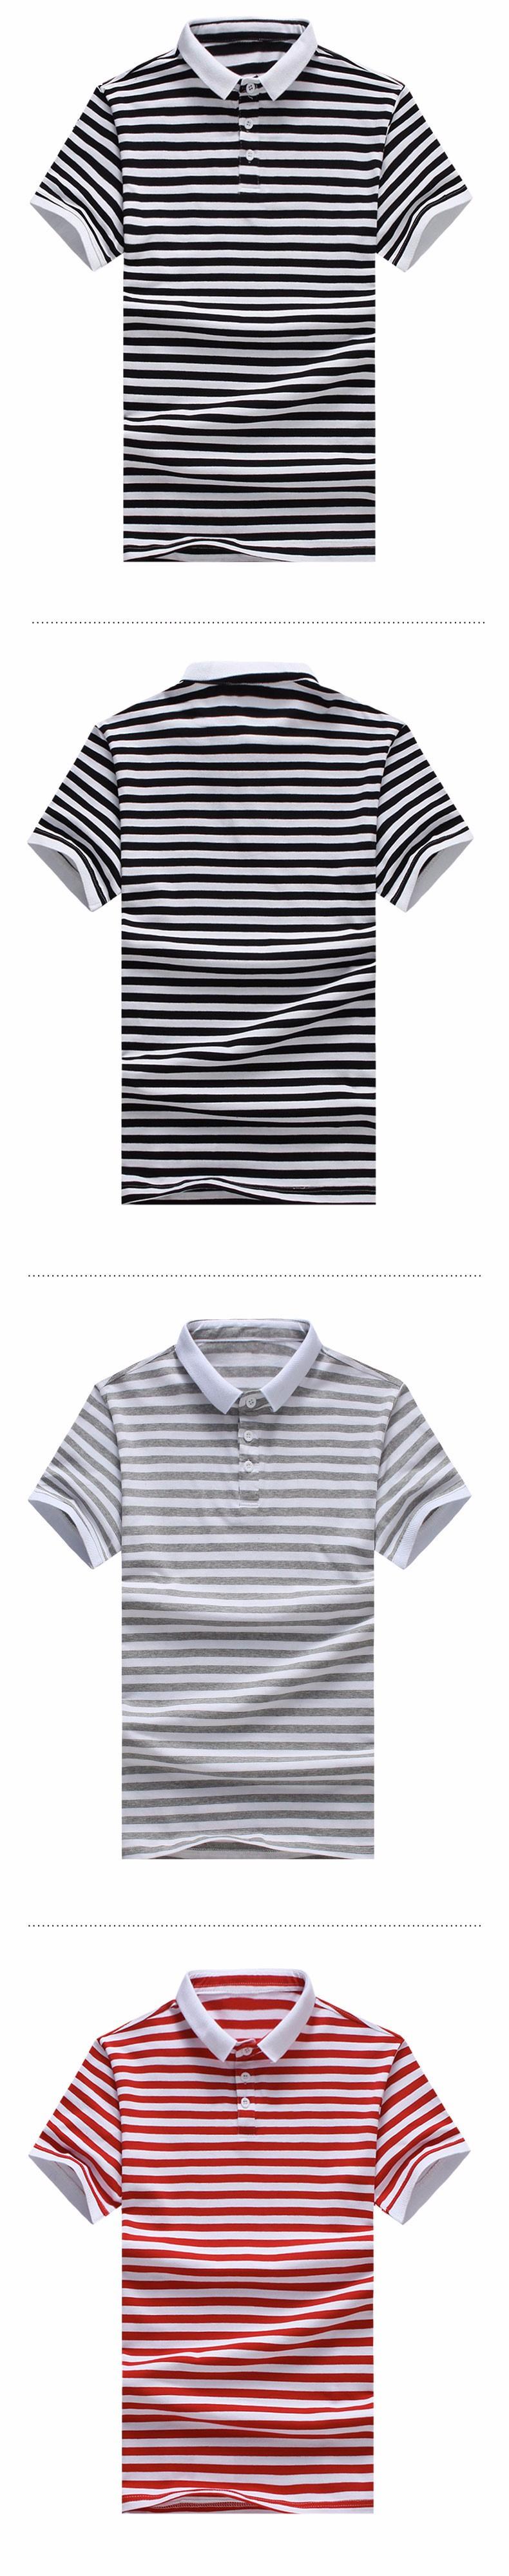 polo-shirt-197319-3